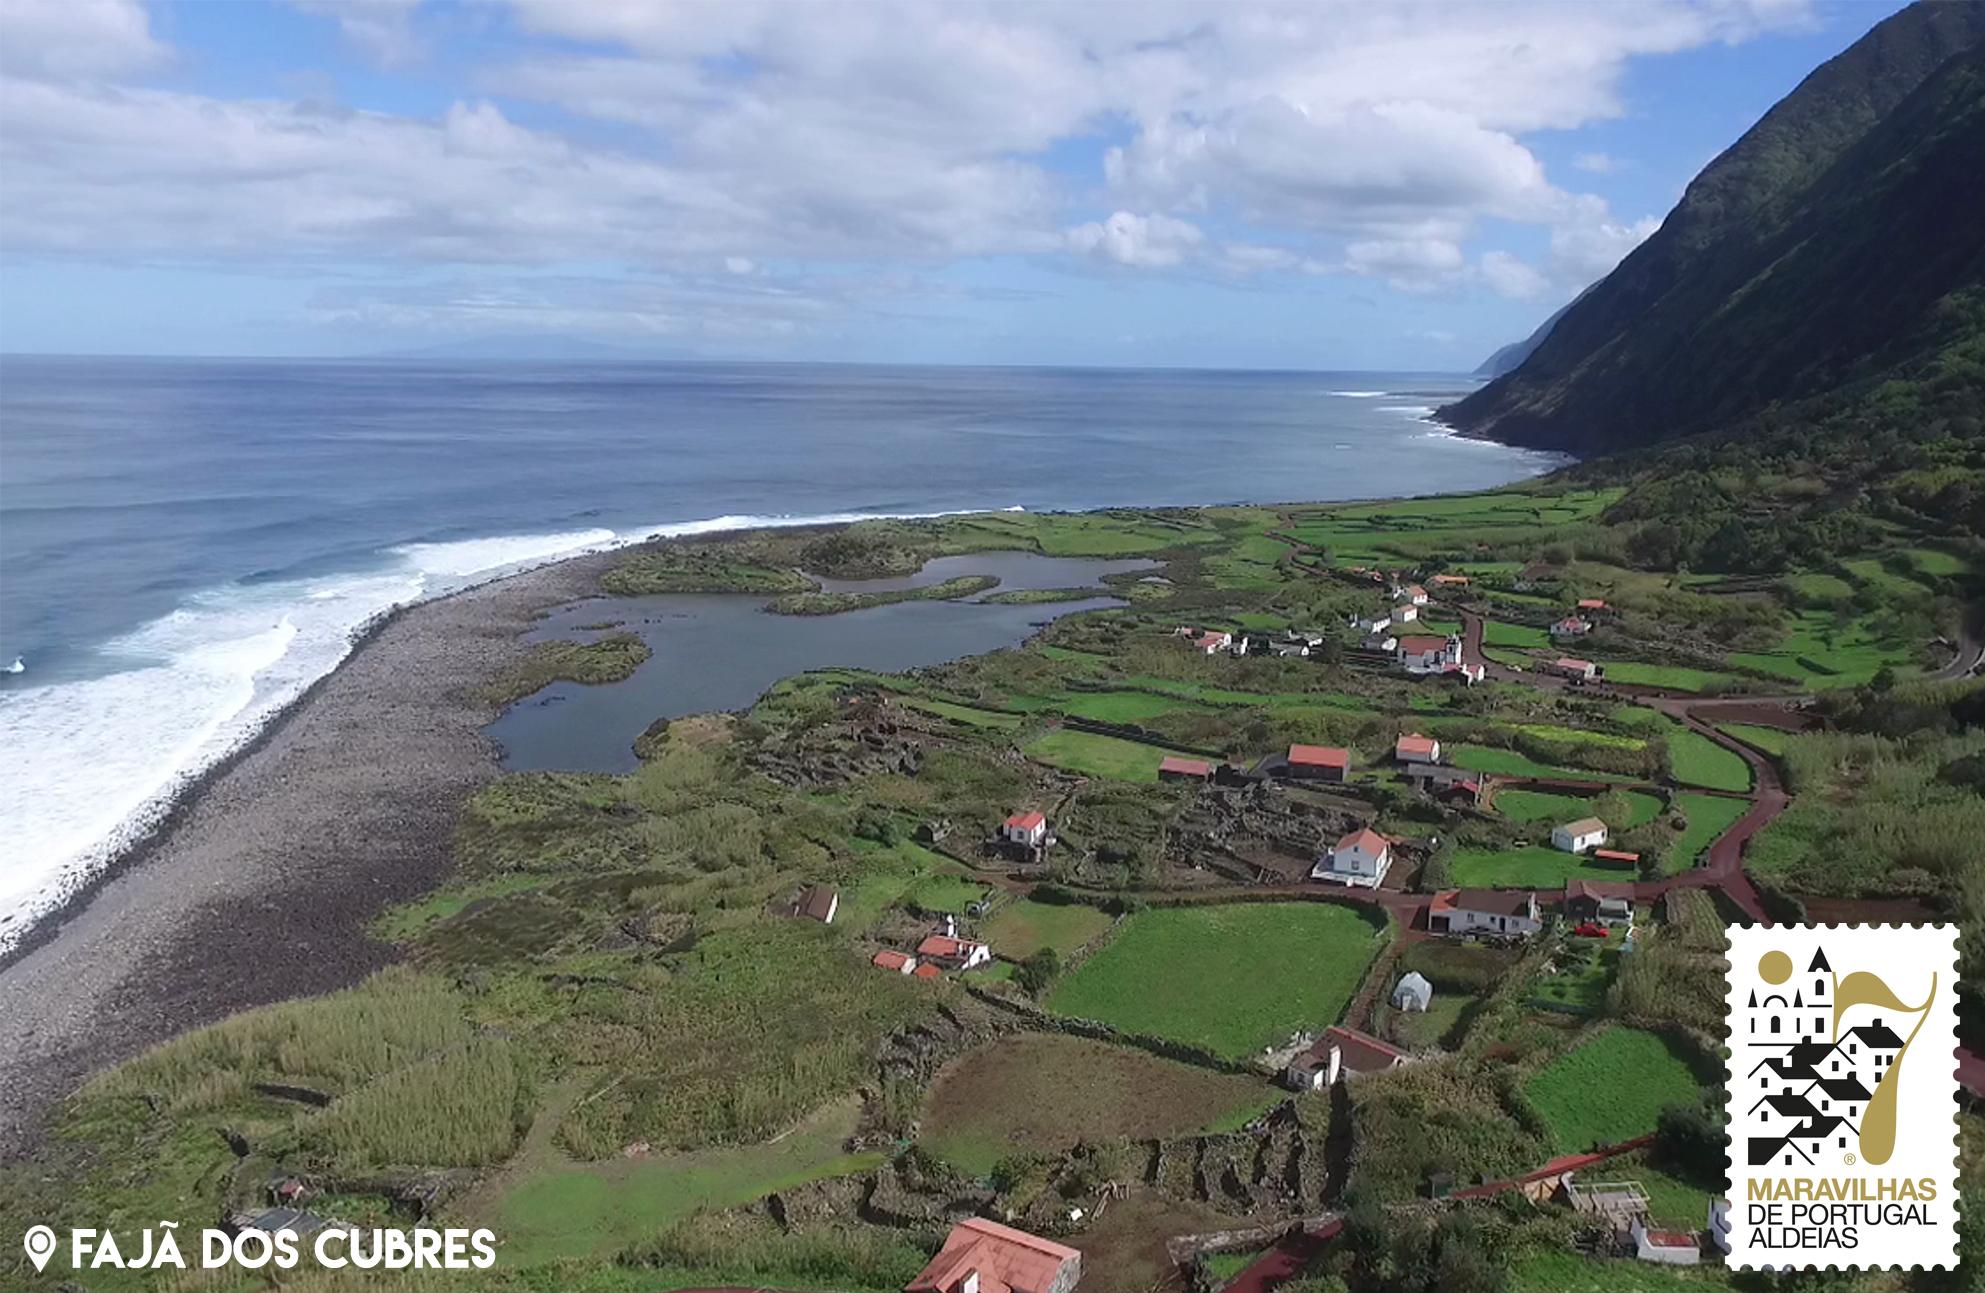 Categoria Aldeias de Mar: Fajã dos Cubres, ilha de São Jorge, Açores